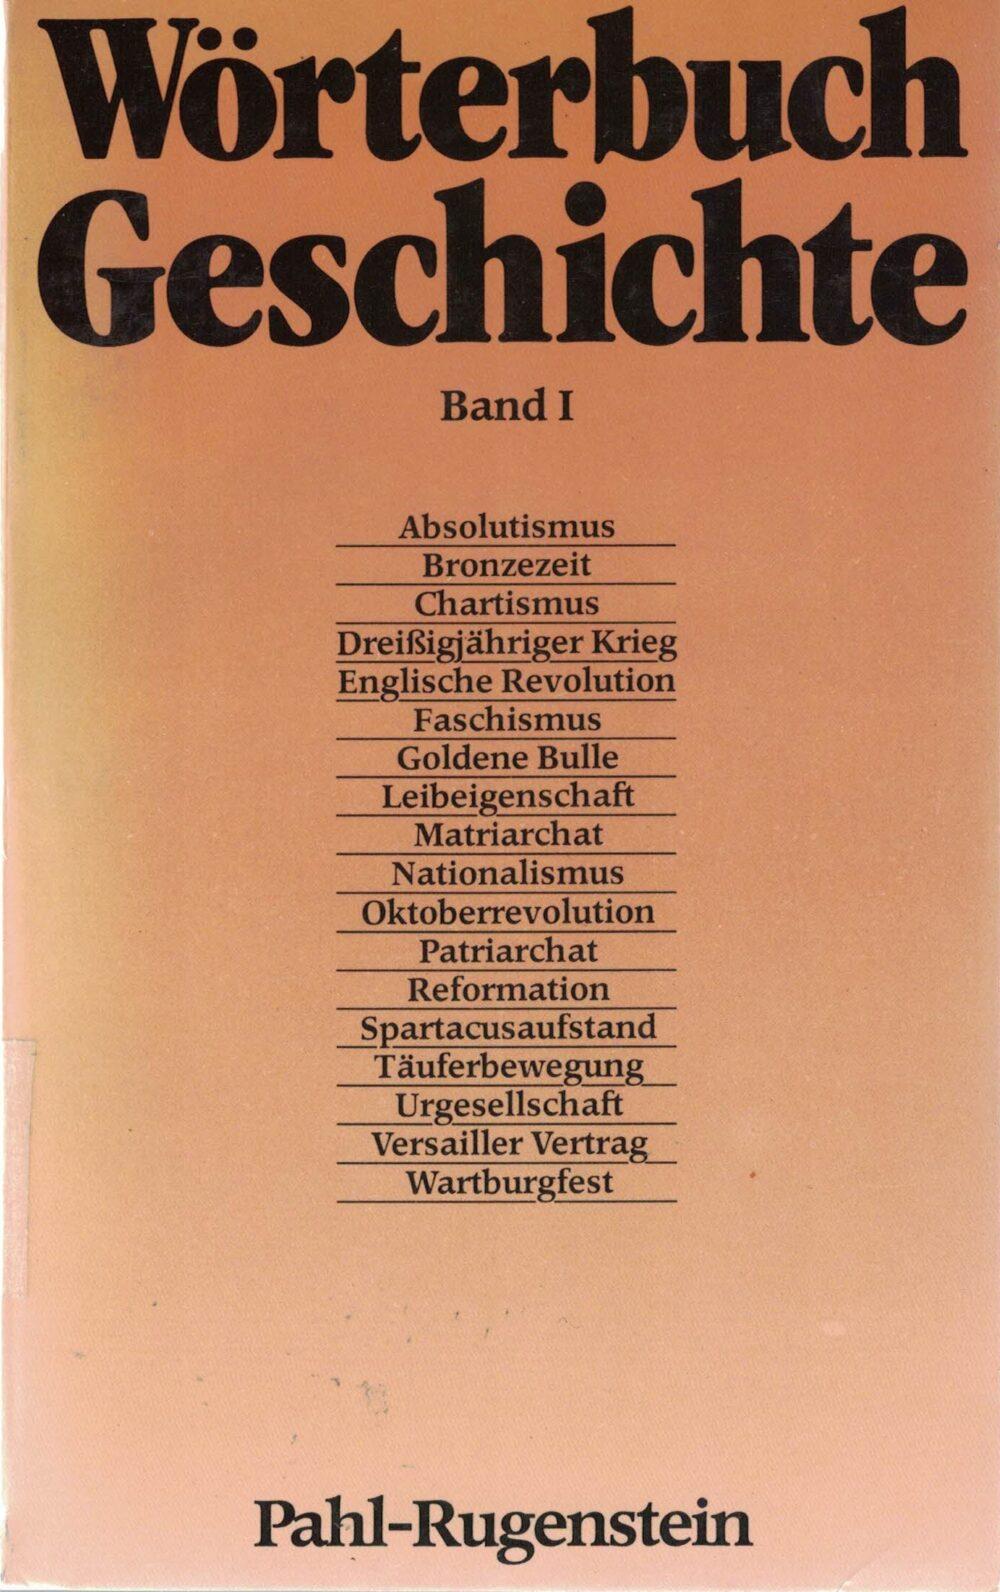 Wörterbuch Geschichte in 2 Bänden